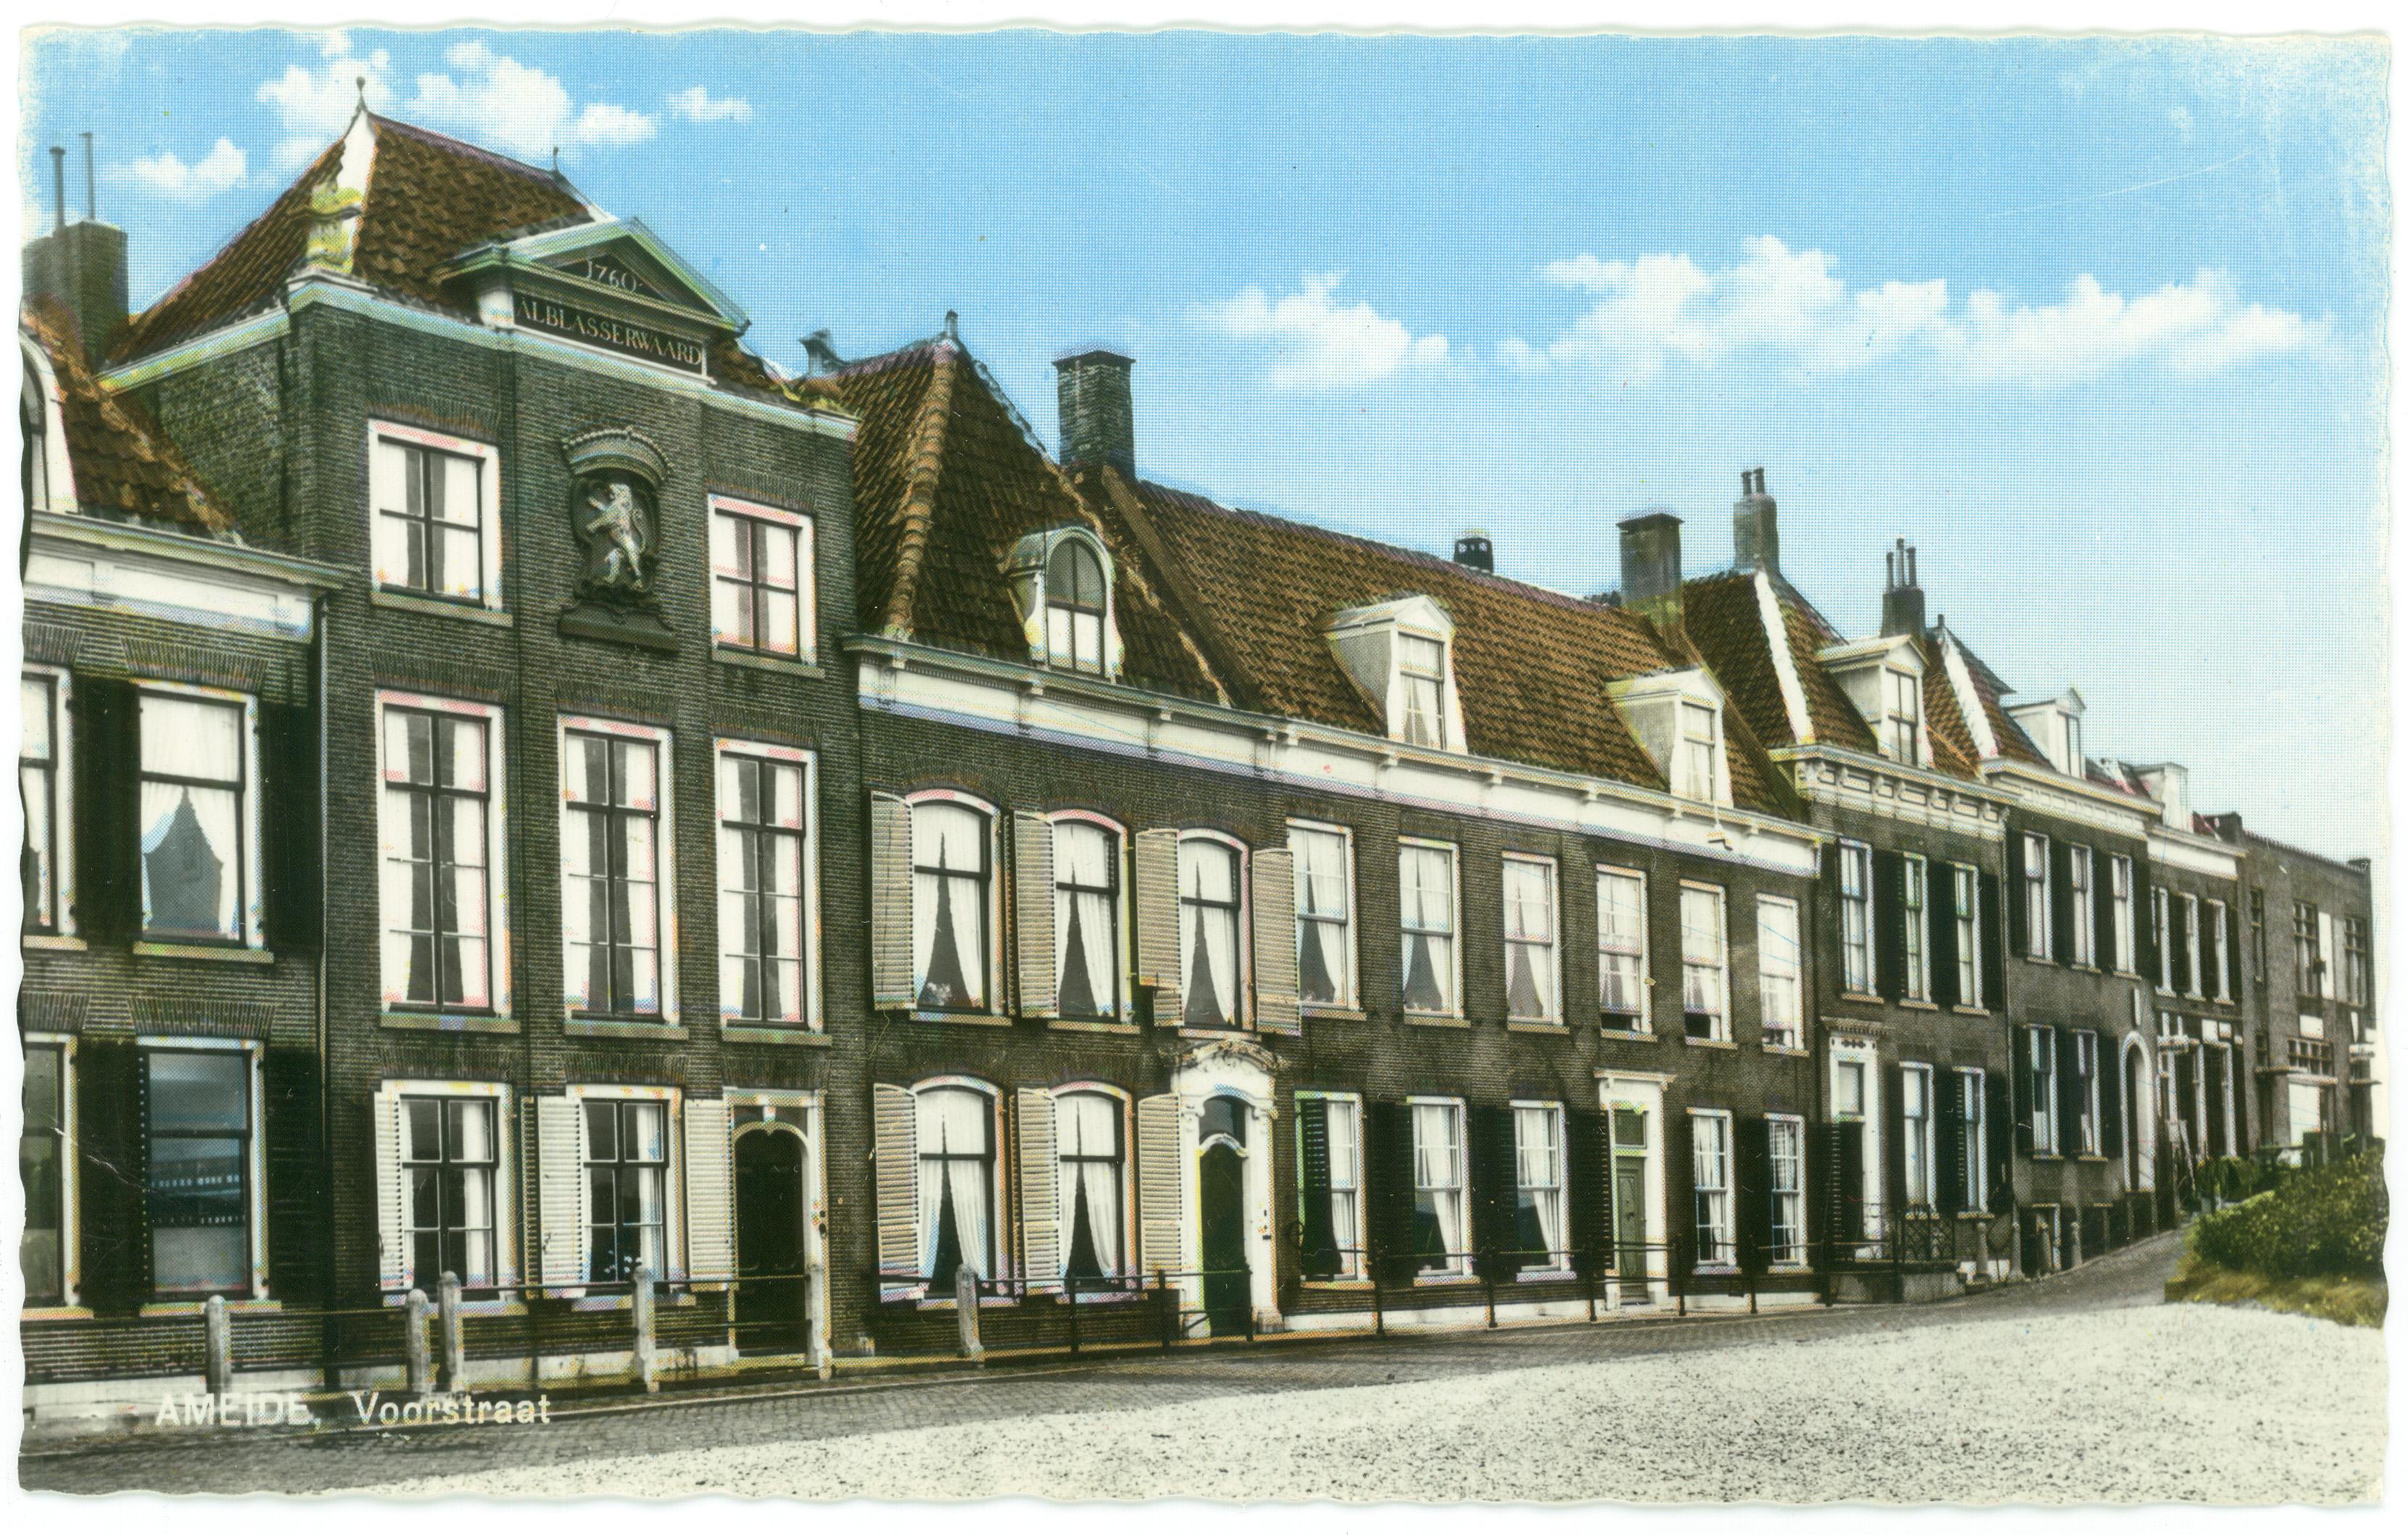 Voorstraat 07